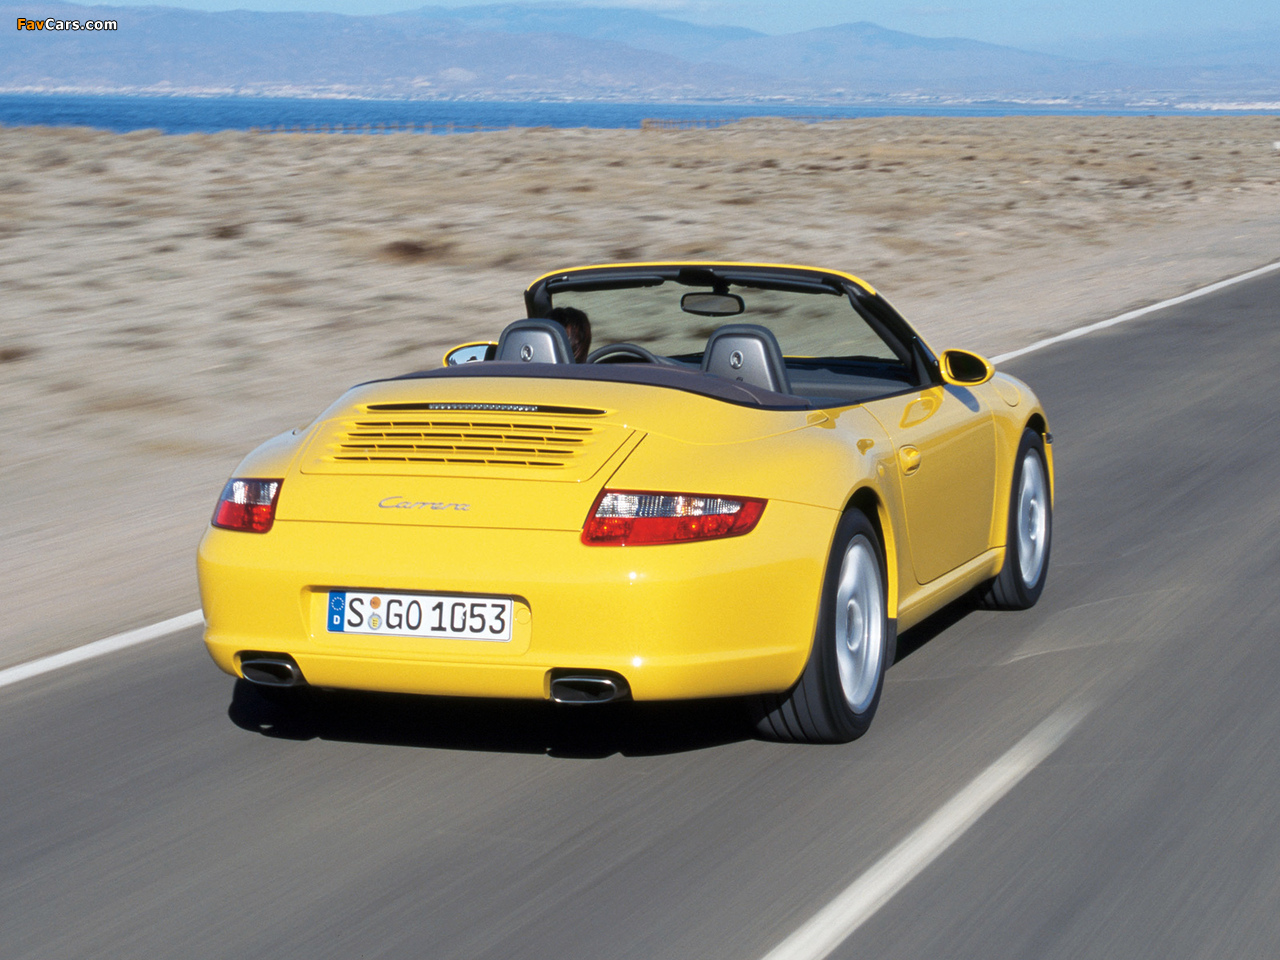 997 2 I203017806 in addition Auto Kleurplaten also Porsche 997 Carrera 4S Cabriolet also Maserati A6G 54 Zagato Coupe 41795 moreover Porsche 911 Carrera S Cabriolet Review Pictures. on porsche cabriolet